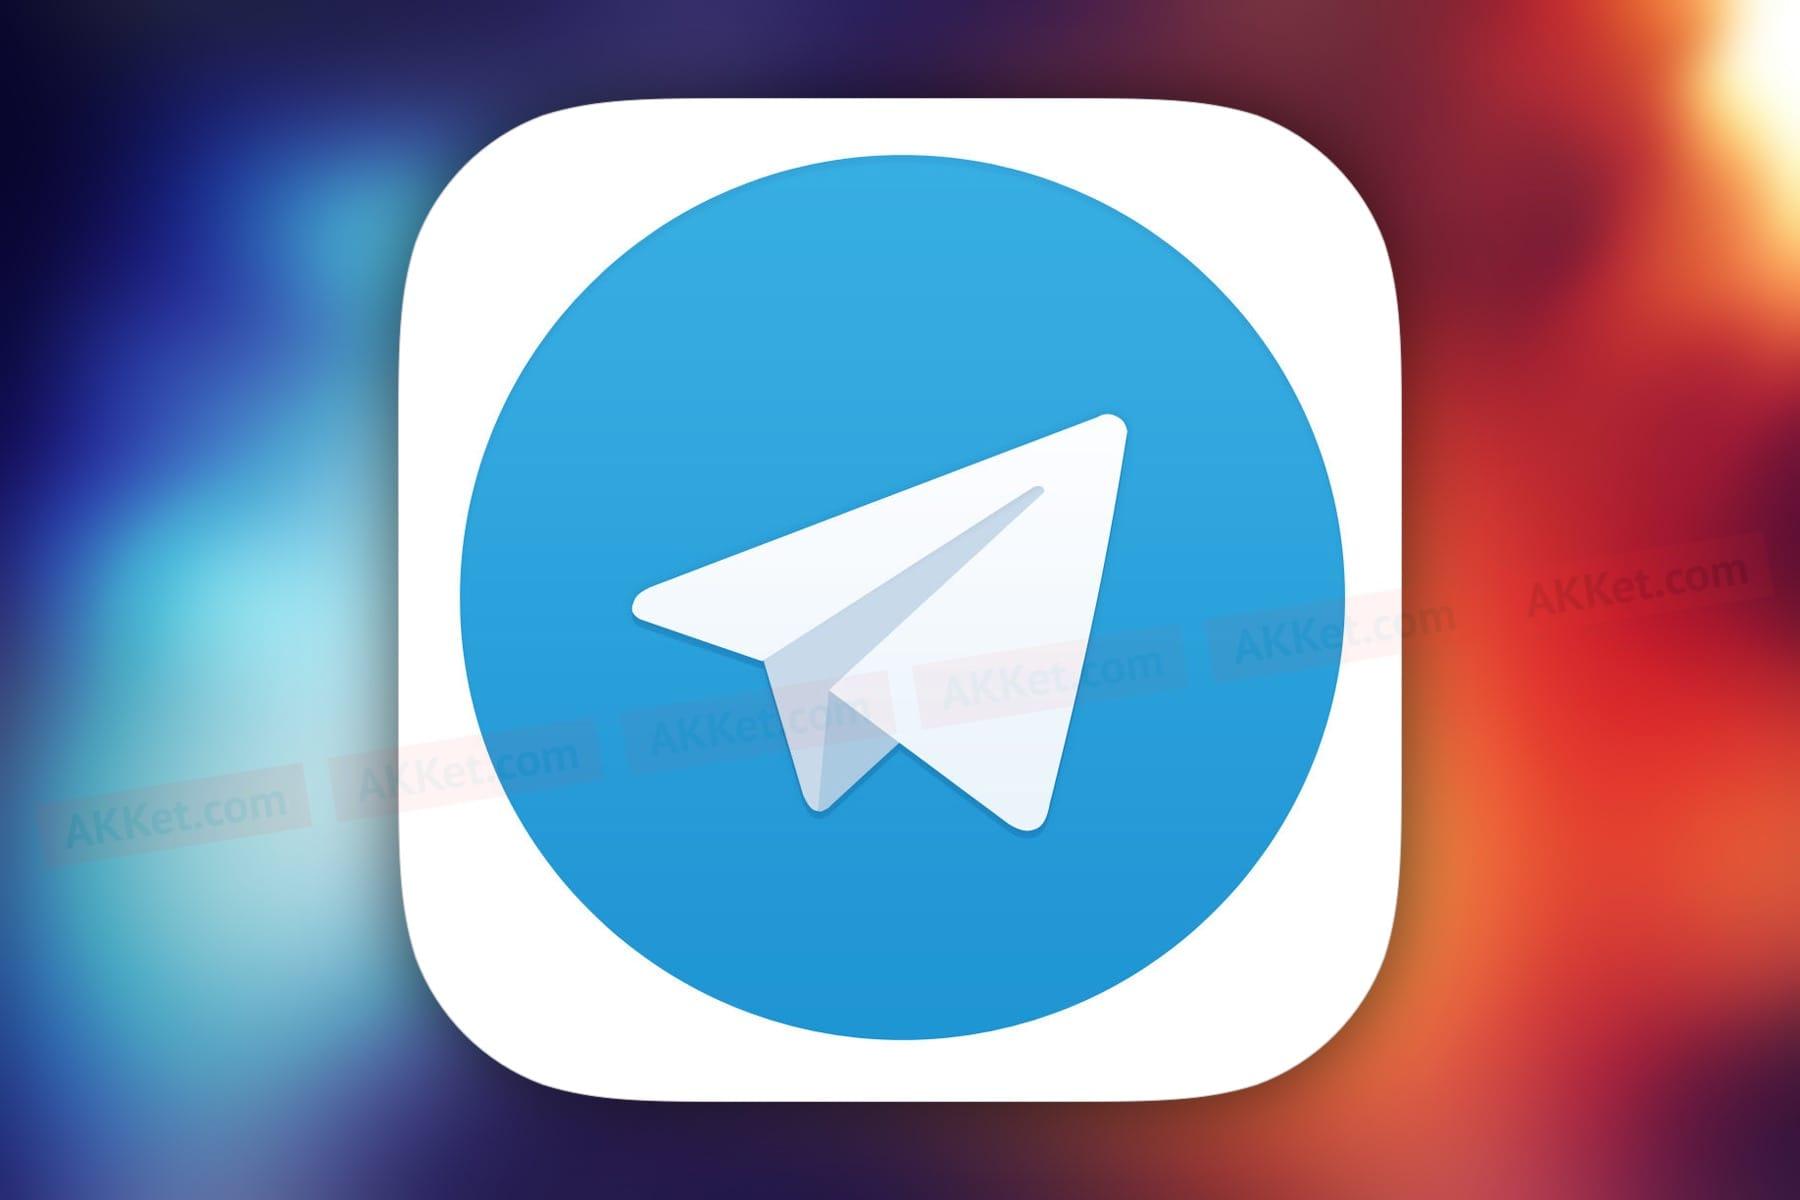 Telegram: App Store блокирует обновления мессенджера ссередины апреля